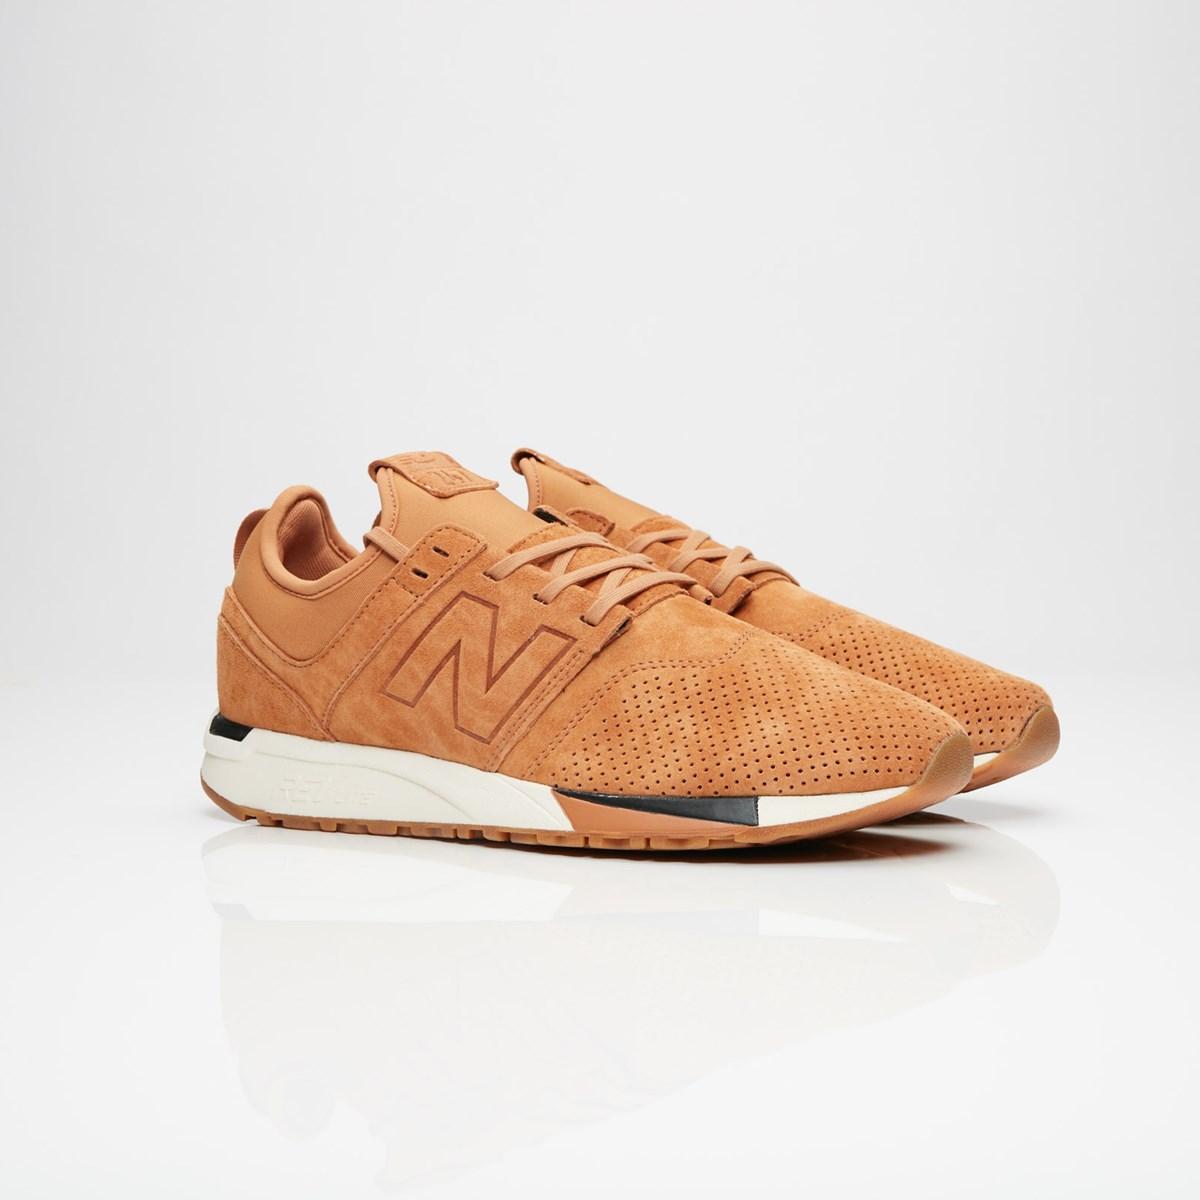 New Balance MRL247 - Mrl247wt - SNS | sneakers & streetwear online since 1999